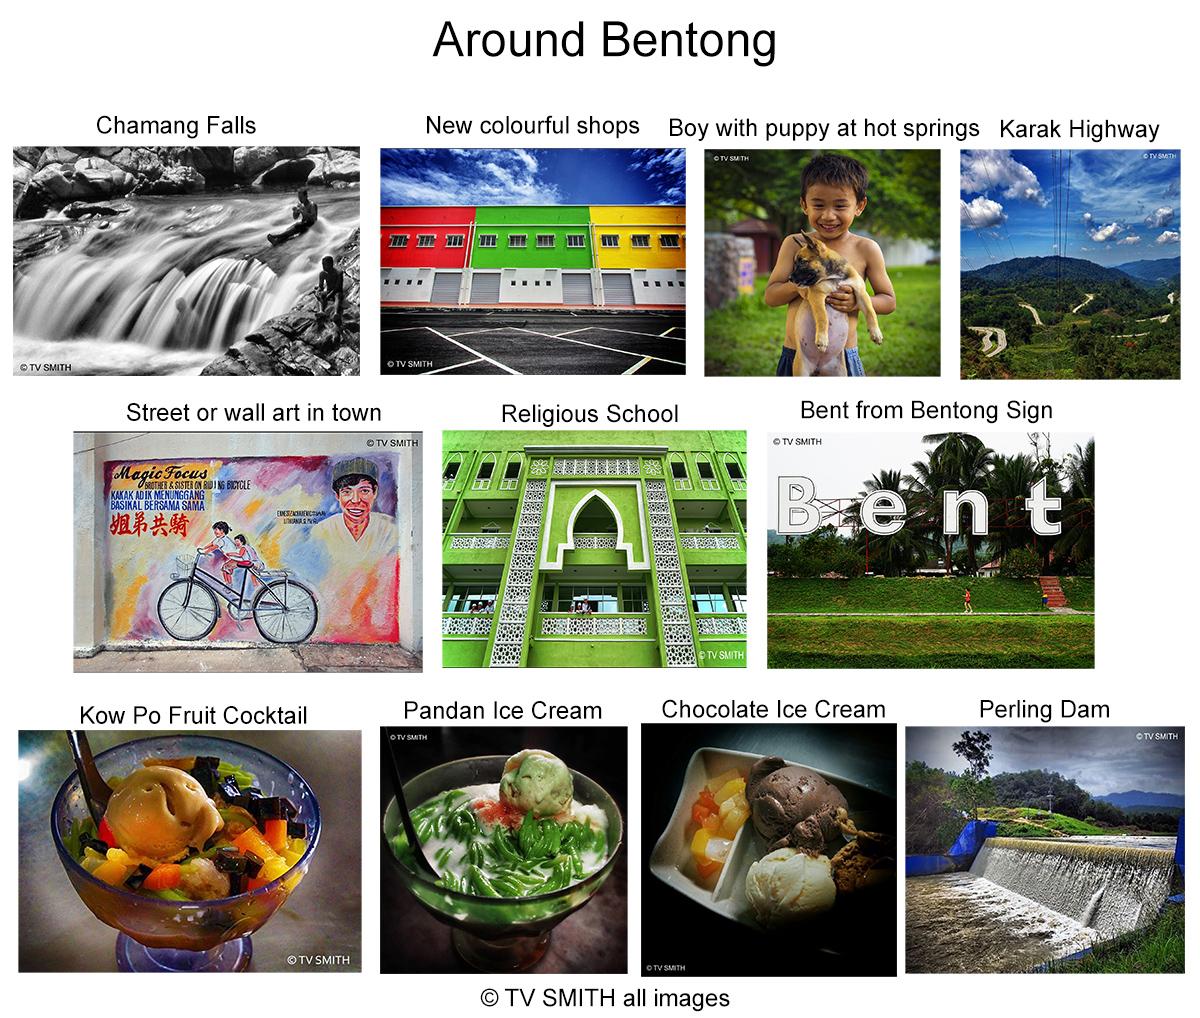 Around Bentong